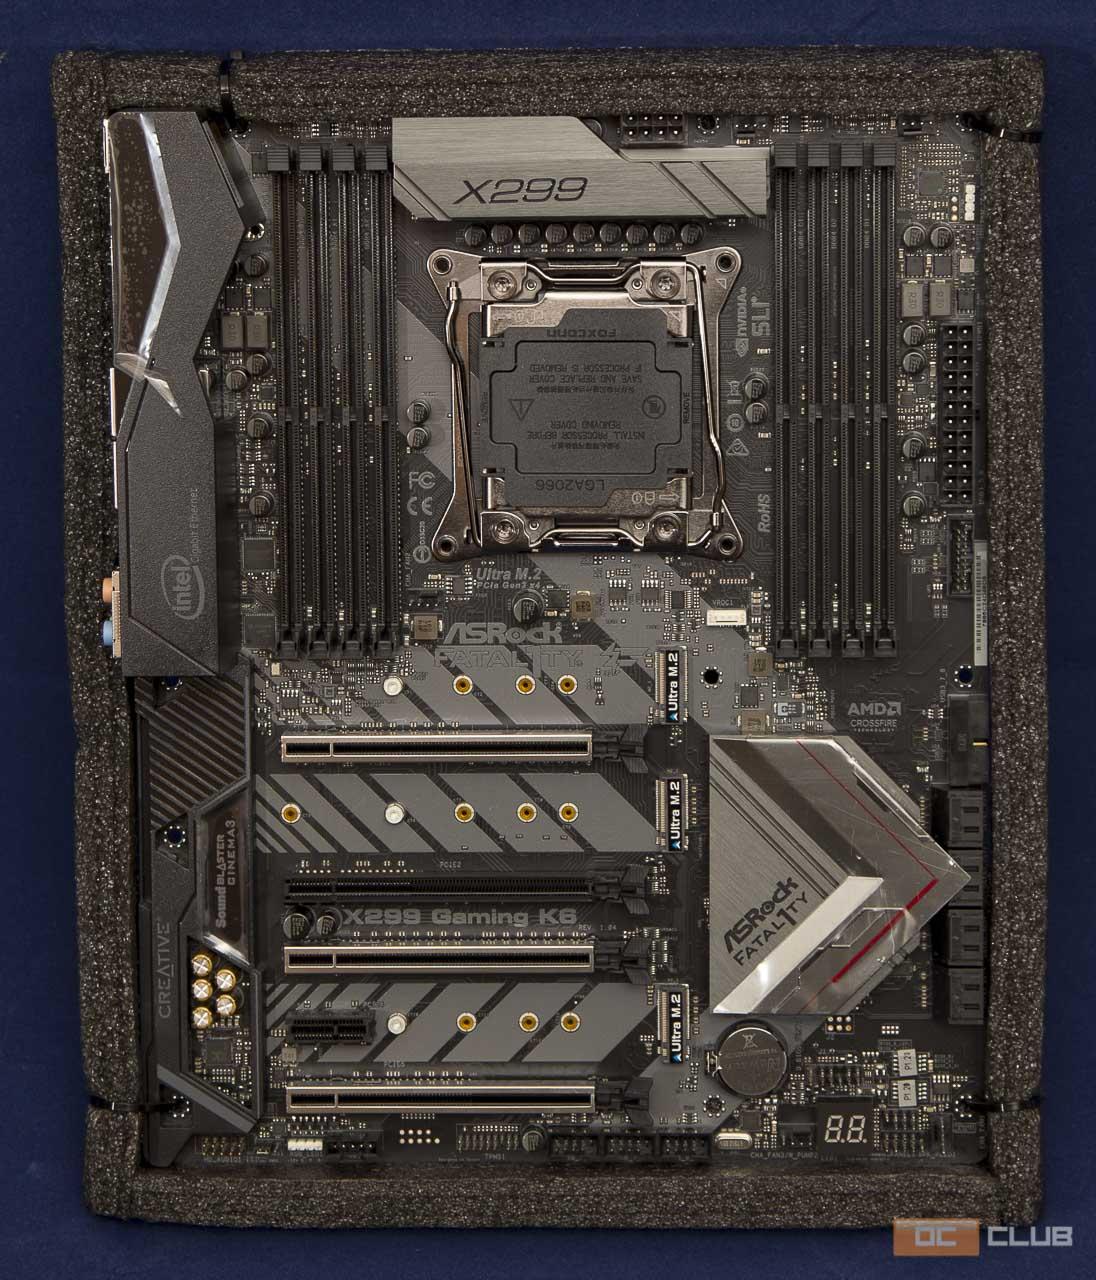 asrock x299 gaming k6 05